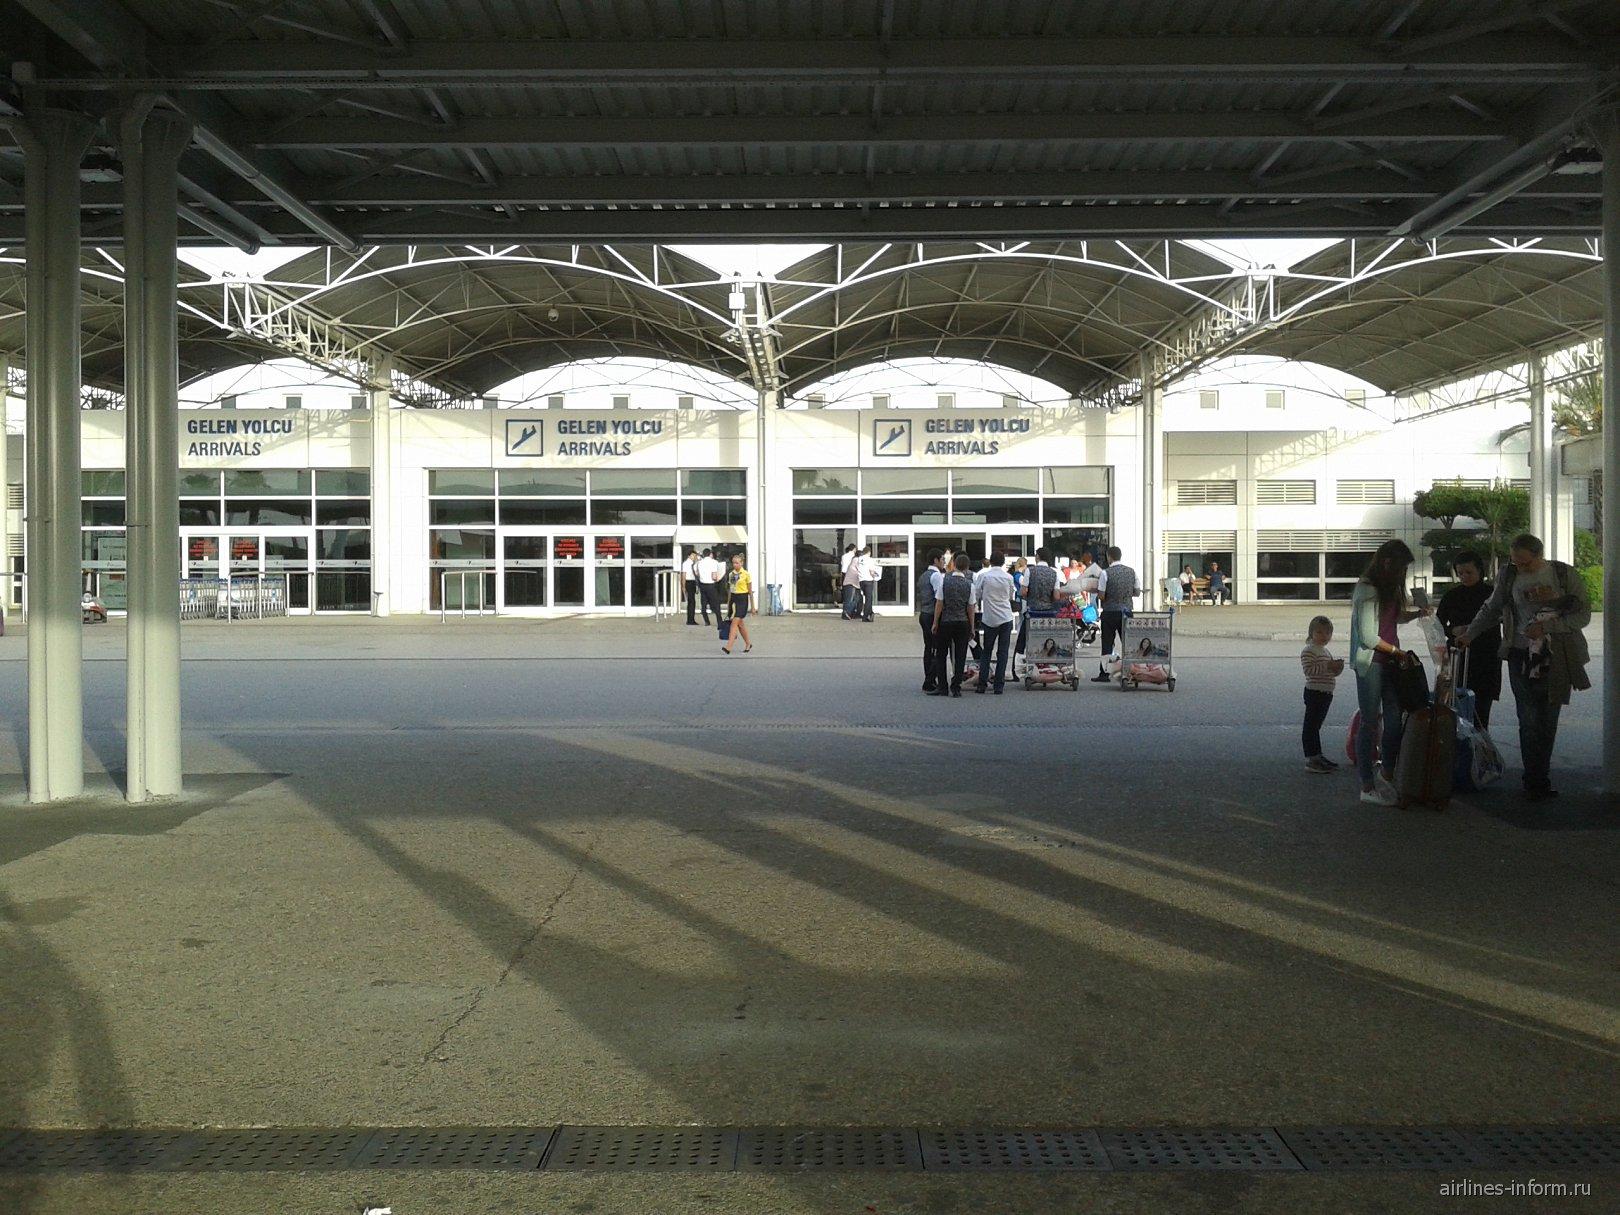 Выход из зала прилета в аэропорту Анталья